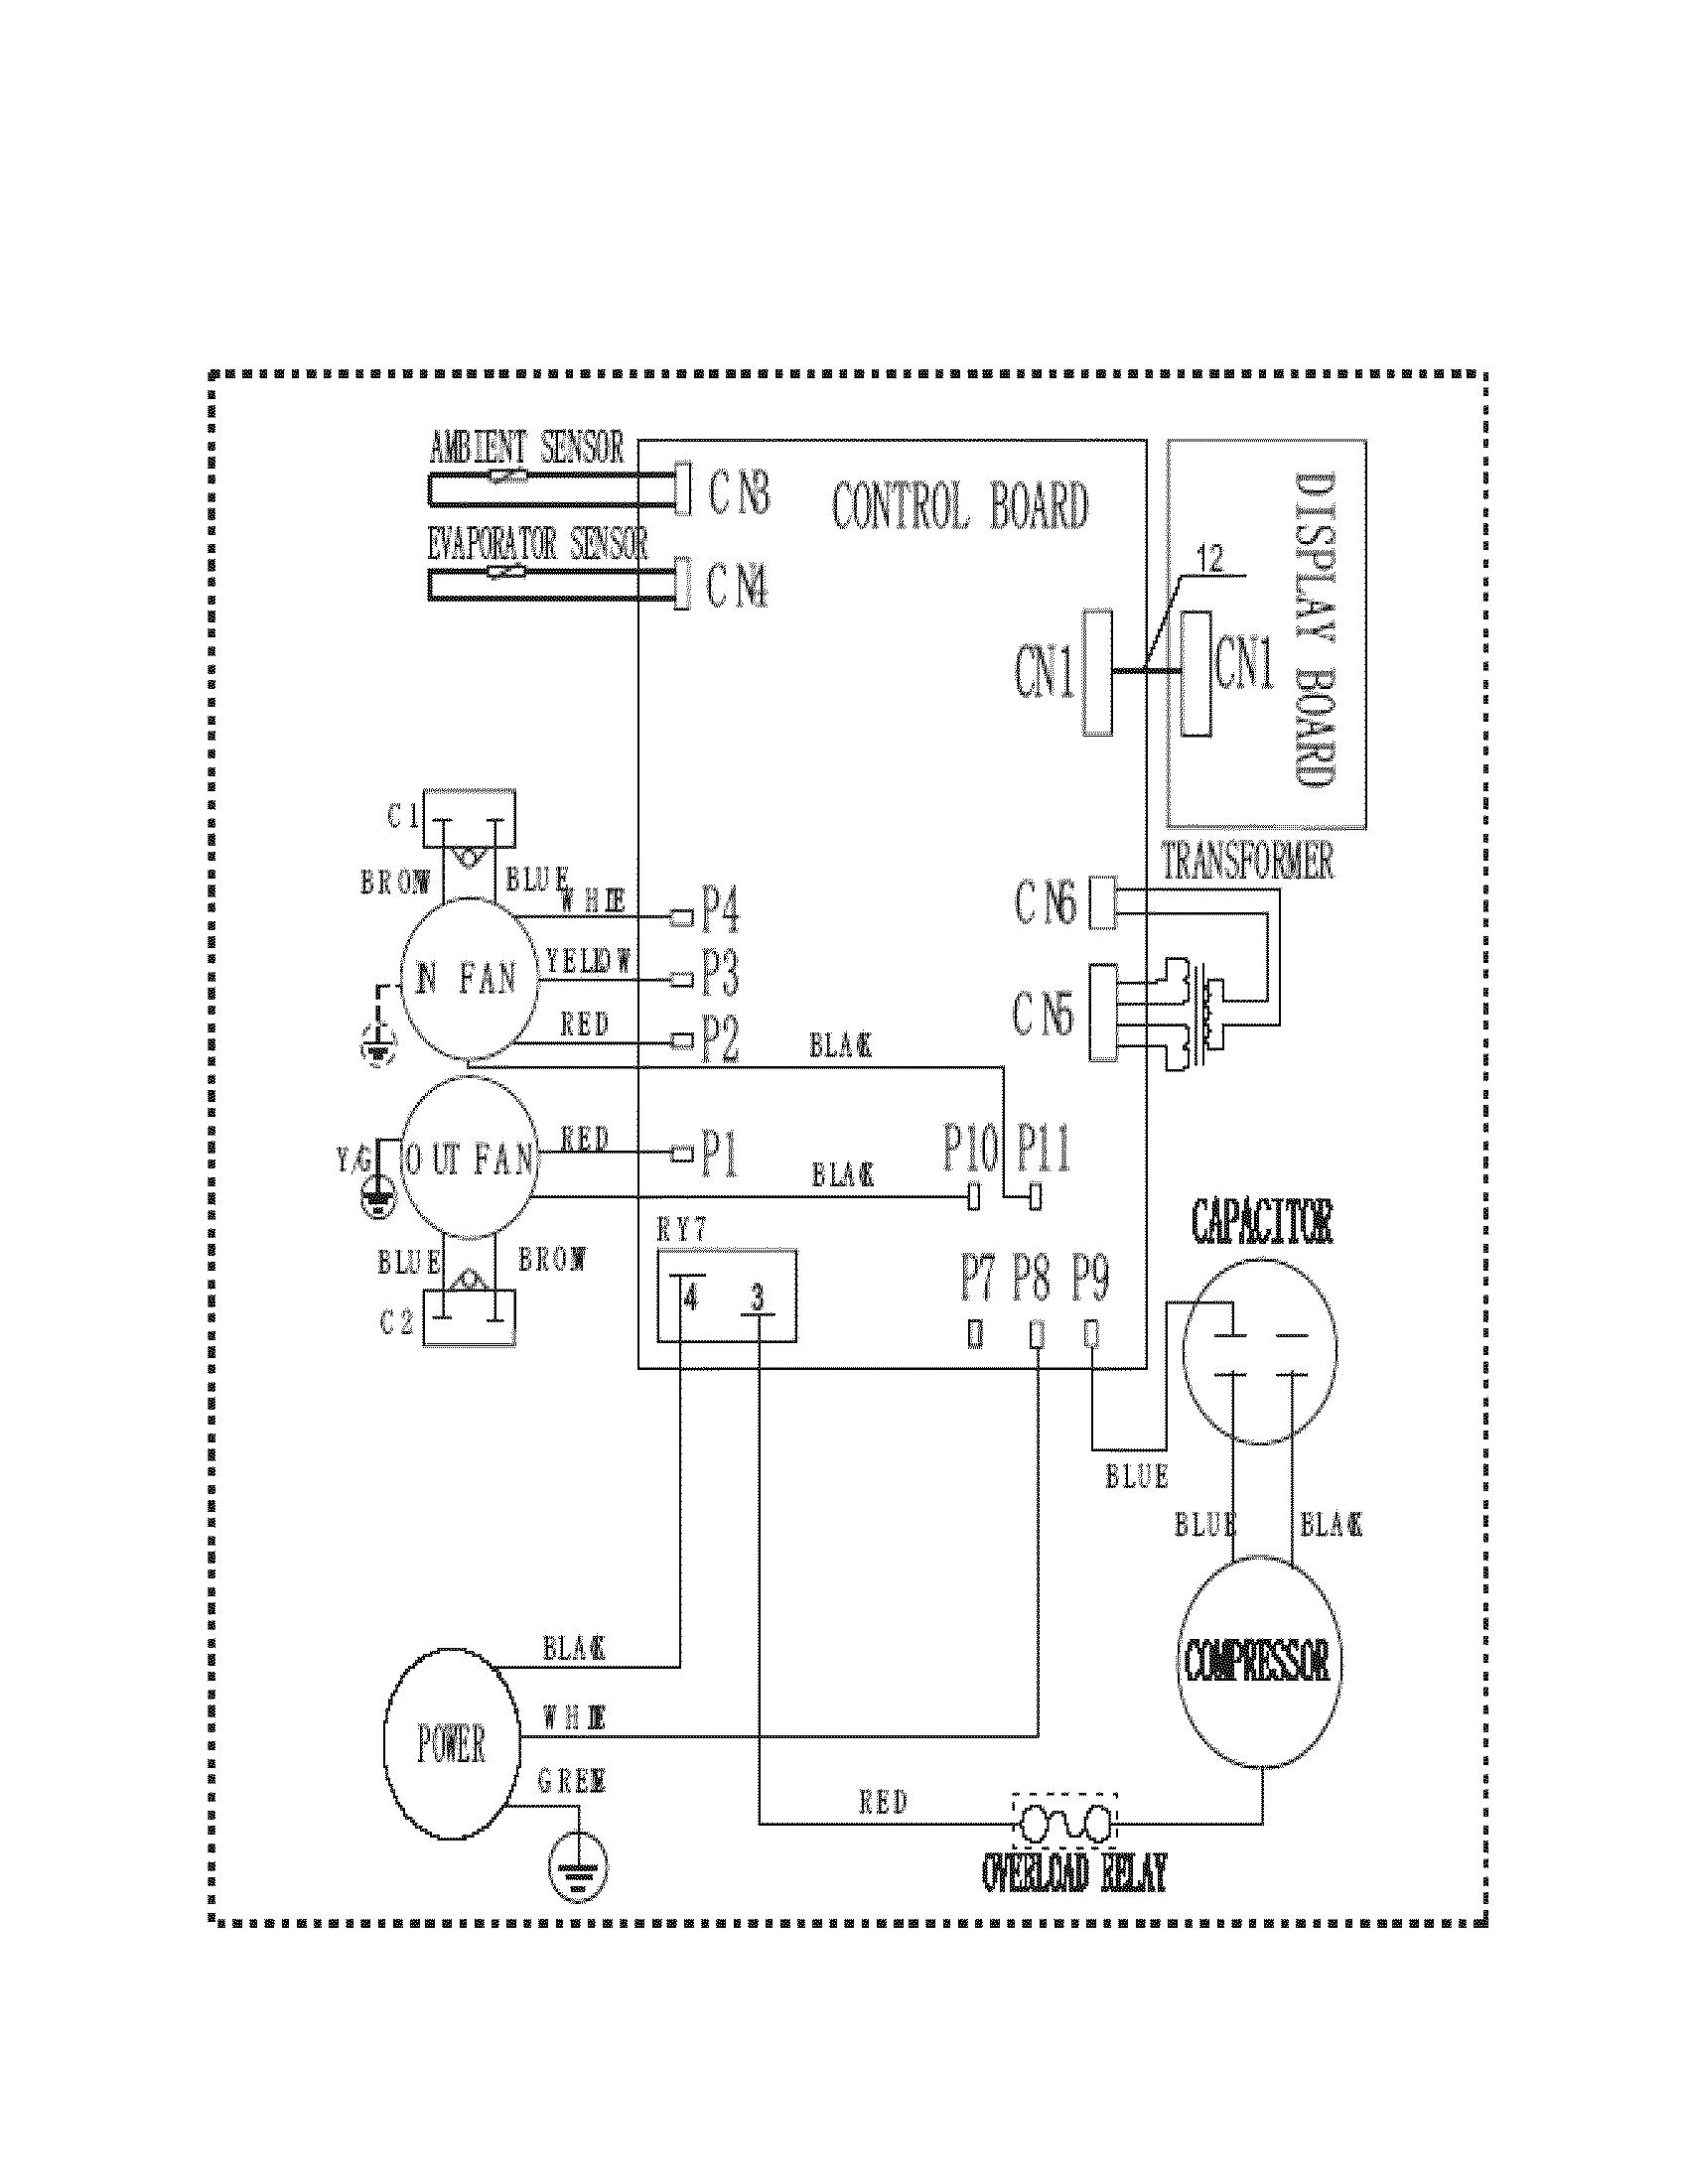 tr200 wiring diagram trane tr200 error codes \u2022 googlea4 comtrane wiring diagram database wiring diagram tr200 wiring diagram trane weathertron heat pump thermostat wiring diagram